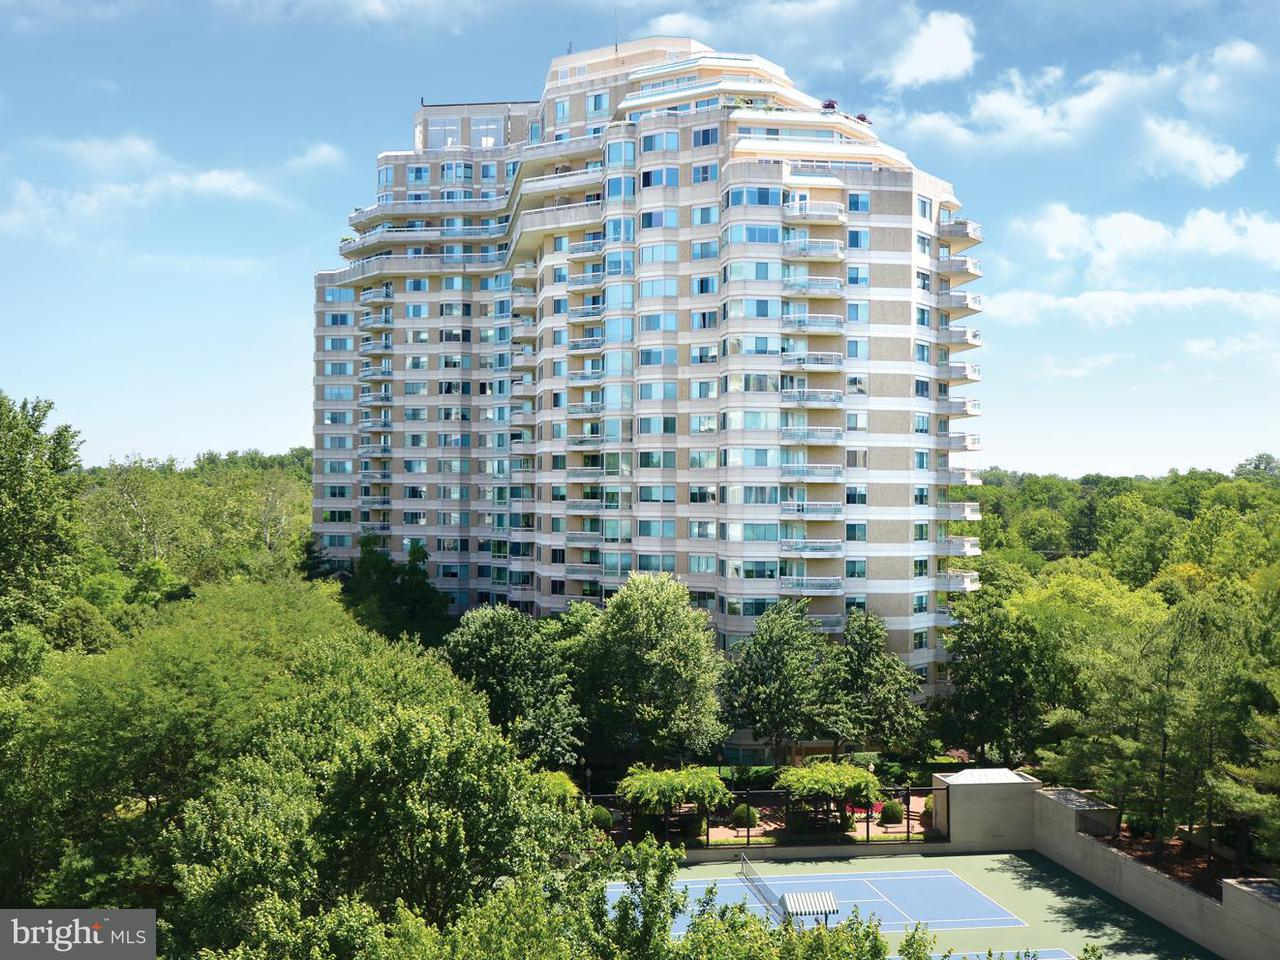 Eigentumswohnung für Verkauf beim 5600 WISCONSIN AVE #906 5600 WISCONSIN AVE #906 Chevy Chase, Maryland 20815 Vereinigte Staaten